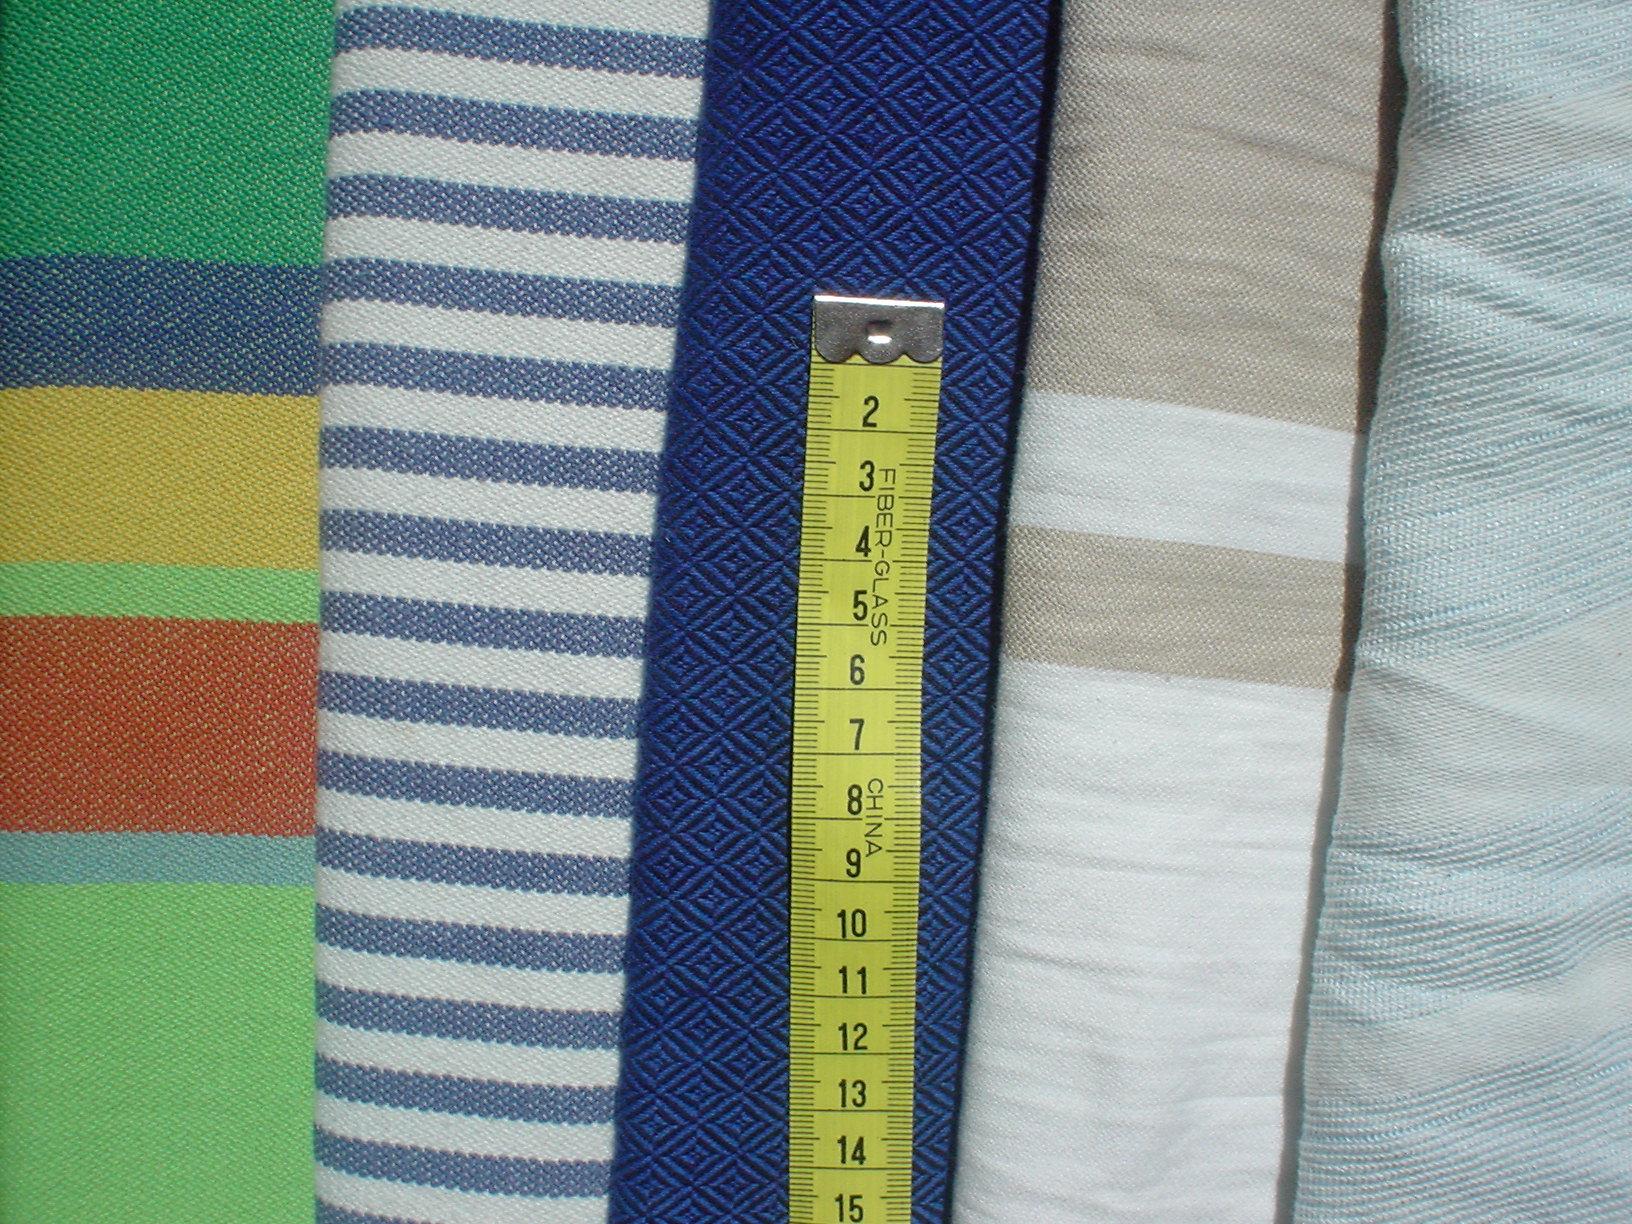 Comparativa de distintos tejidos de izquierda a derecha, sarga cruzada Didymos (rayas anchas tonos verdes), sarga cruzada Lana (rayas finas azules y